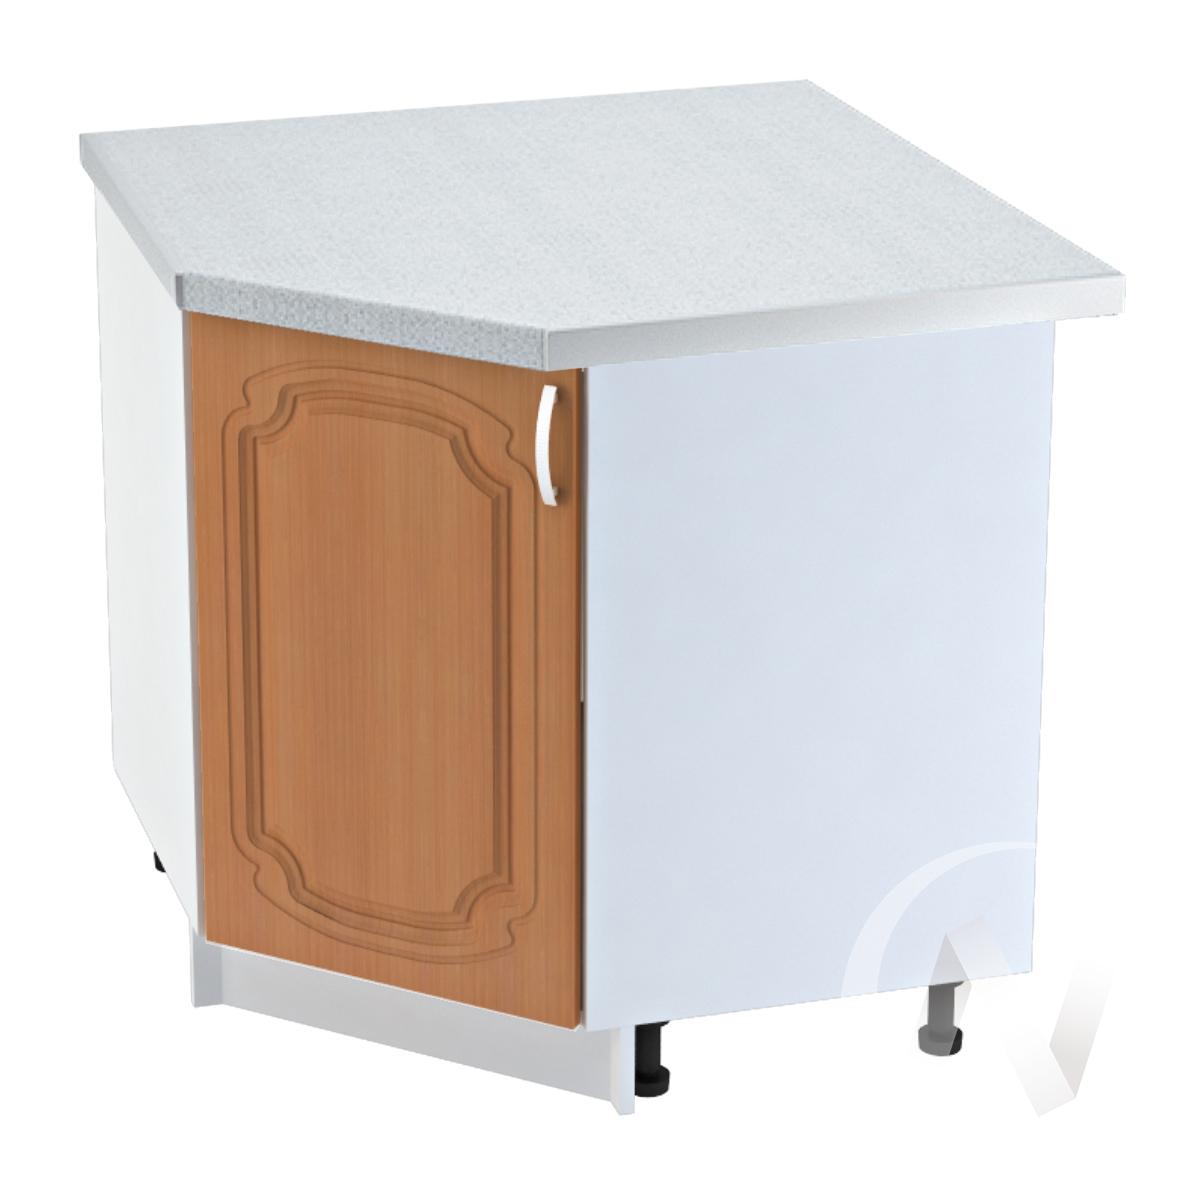 """Кухня """"Настя"""": Шкаф нижний угловой 890, ШНУ 890 (Орех миланский/корпус белый)"""